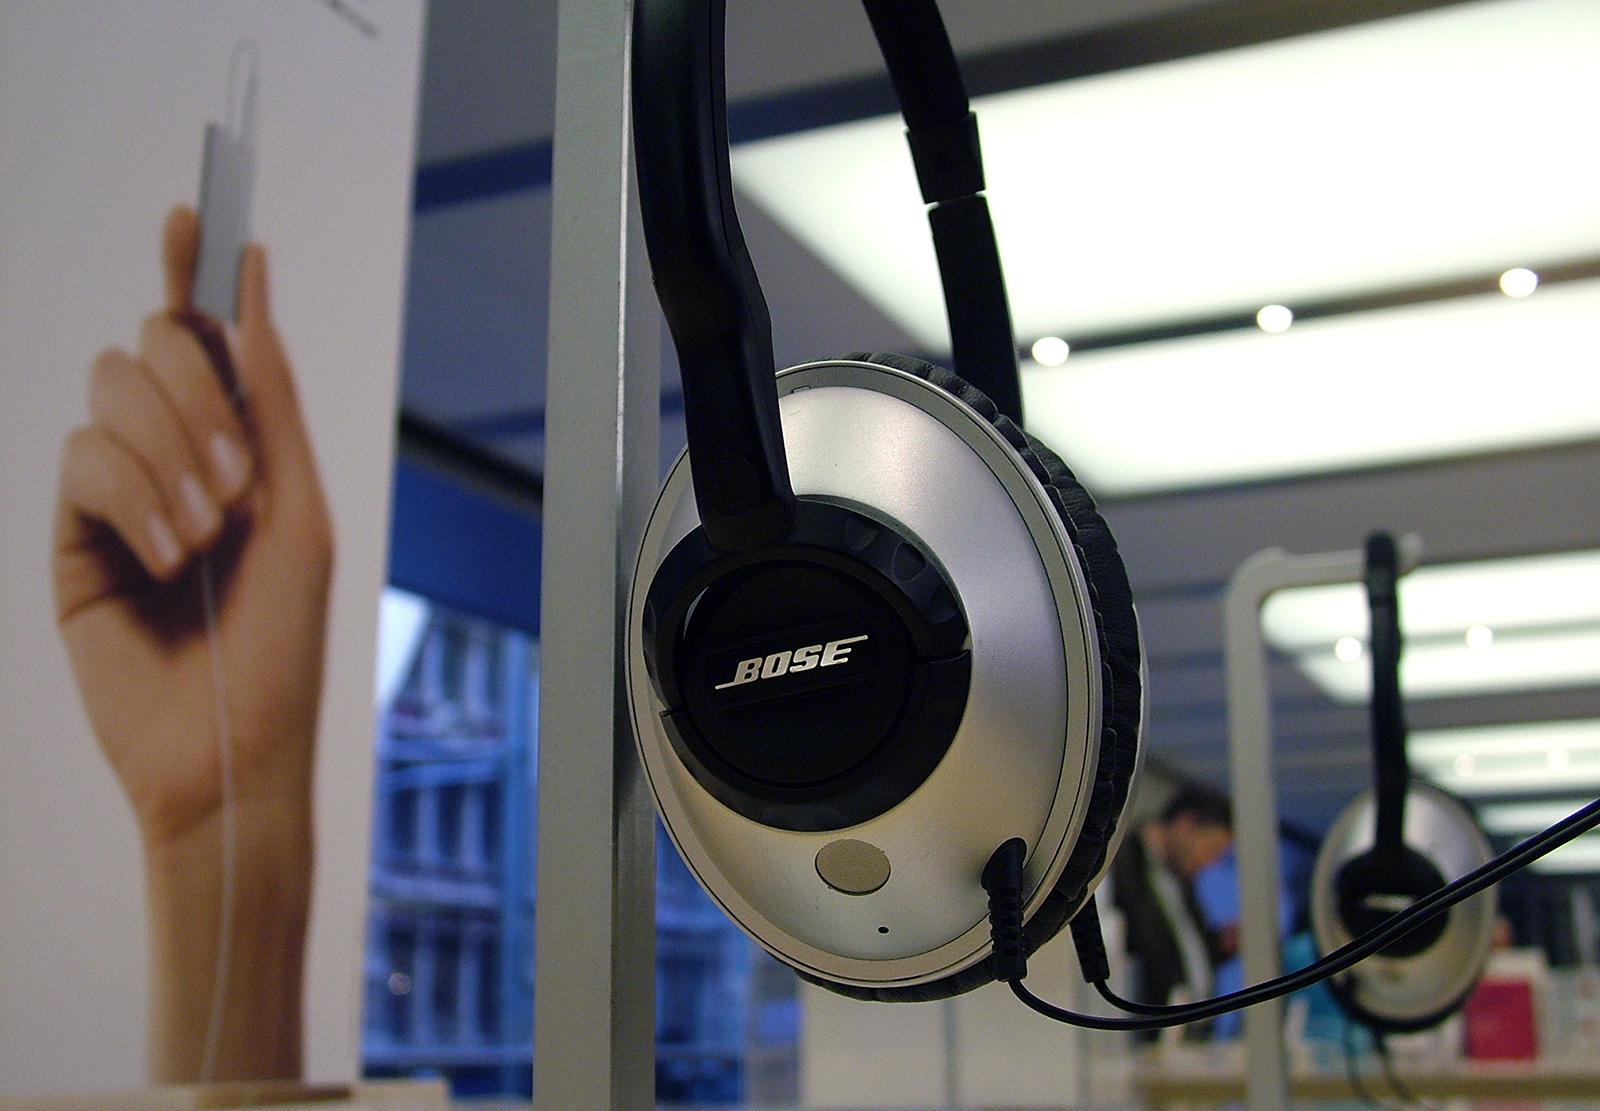 Fone da Bose em Apple Retail Store